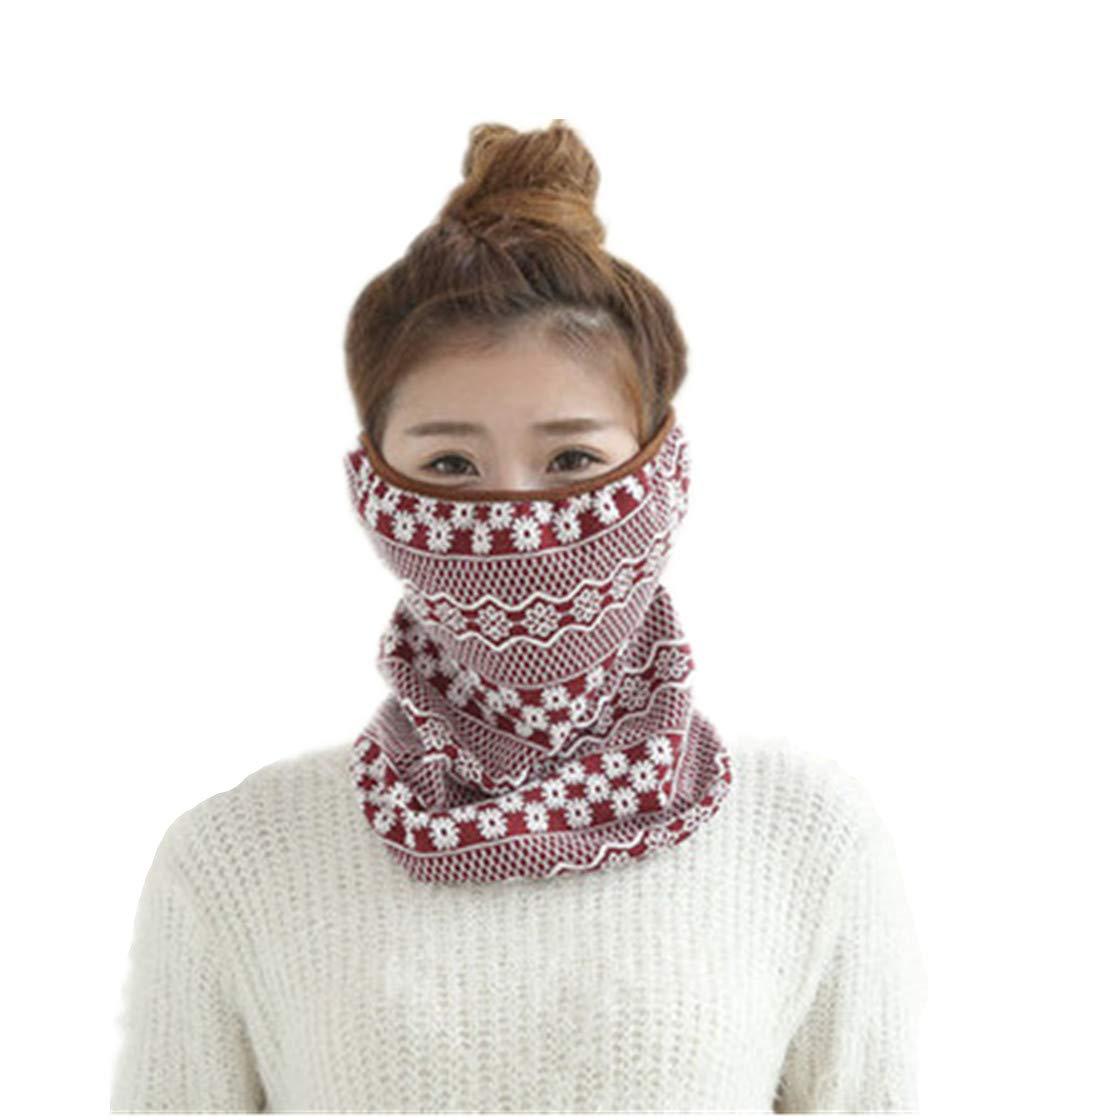 Women Ear Warmers Sweet Plush Fluffy Warm Fur Earmuffs Earlap Ear Cover